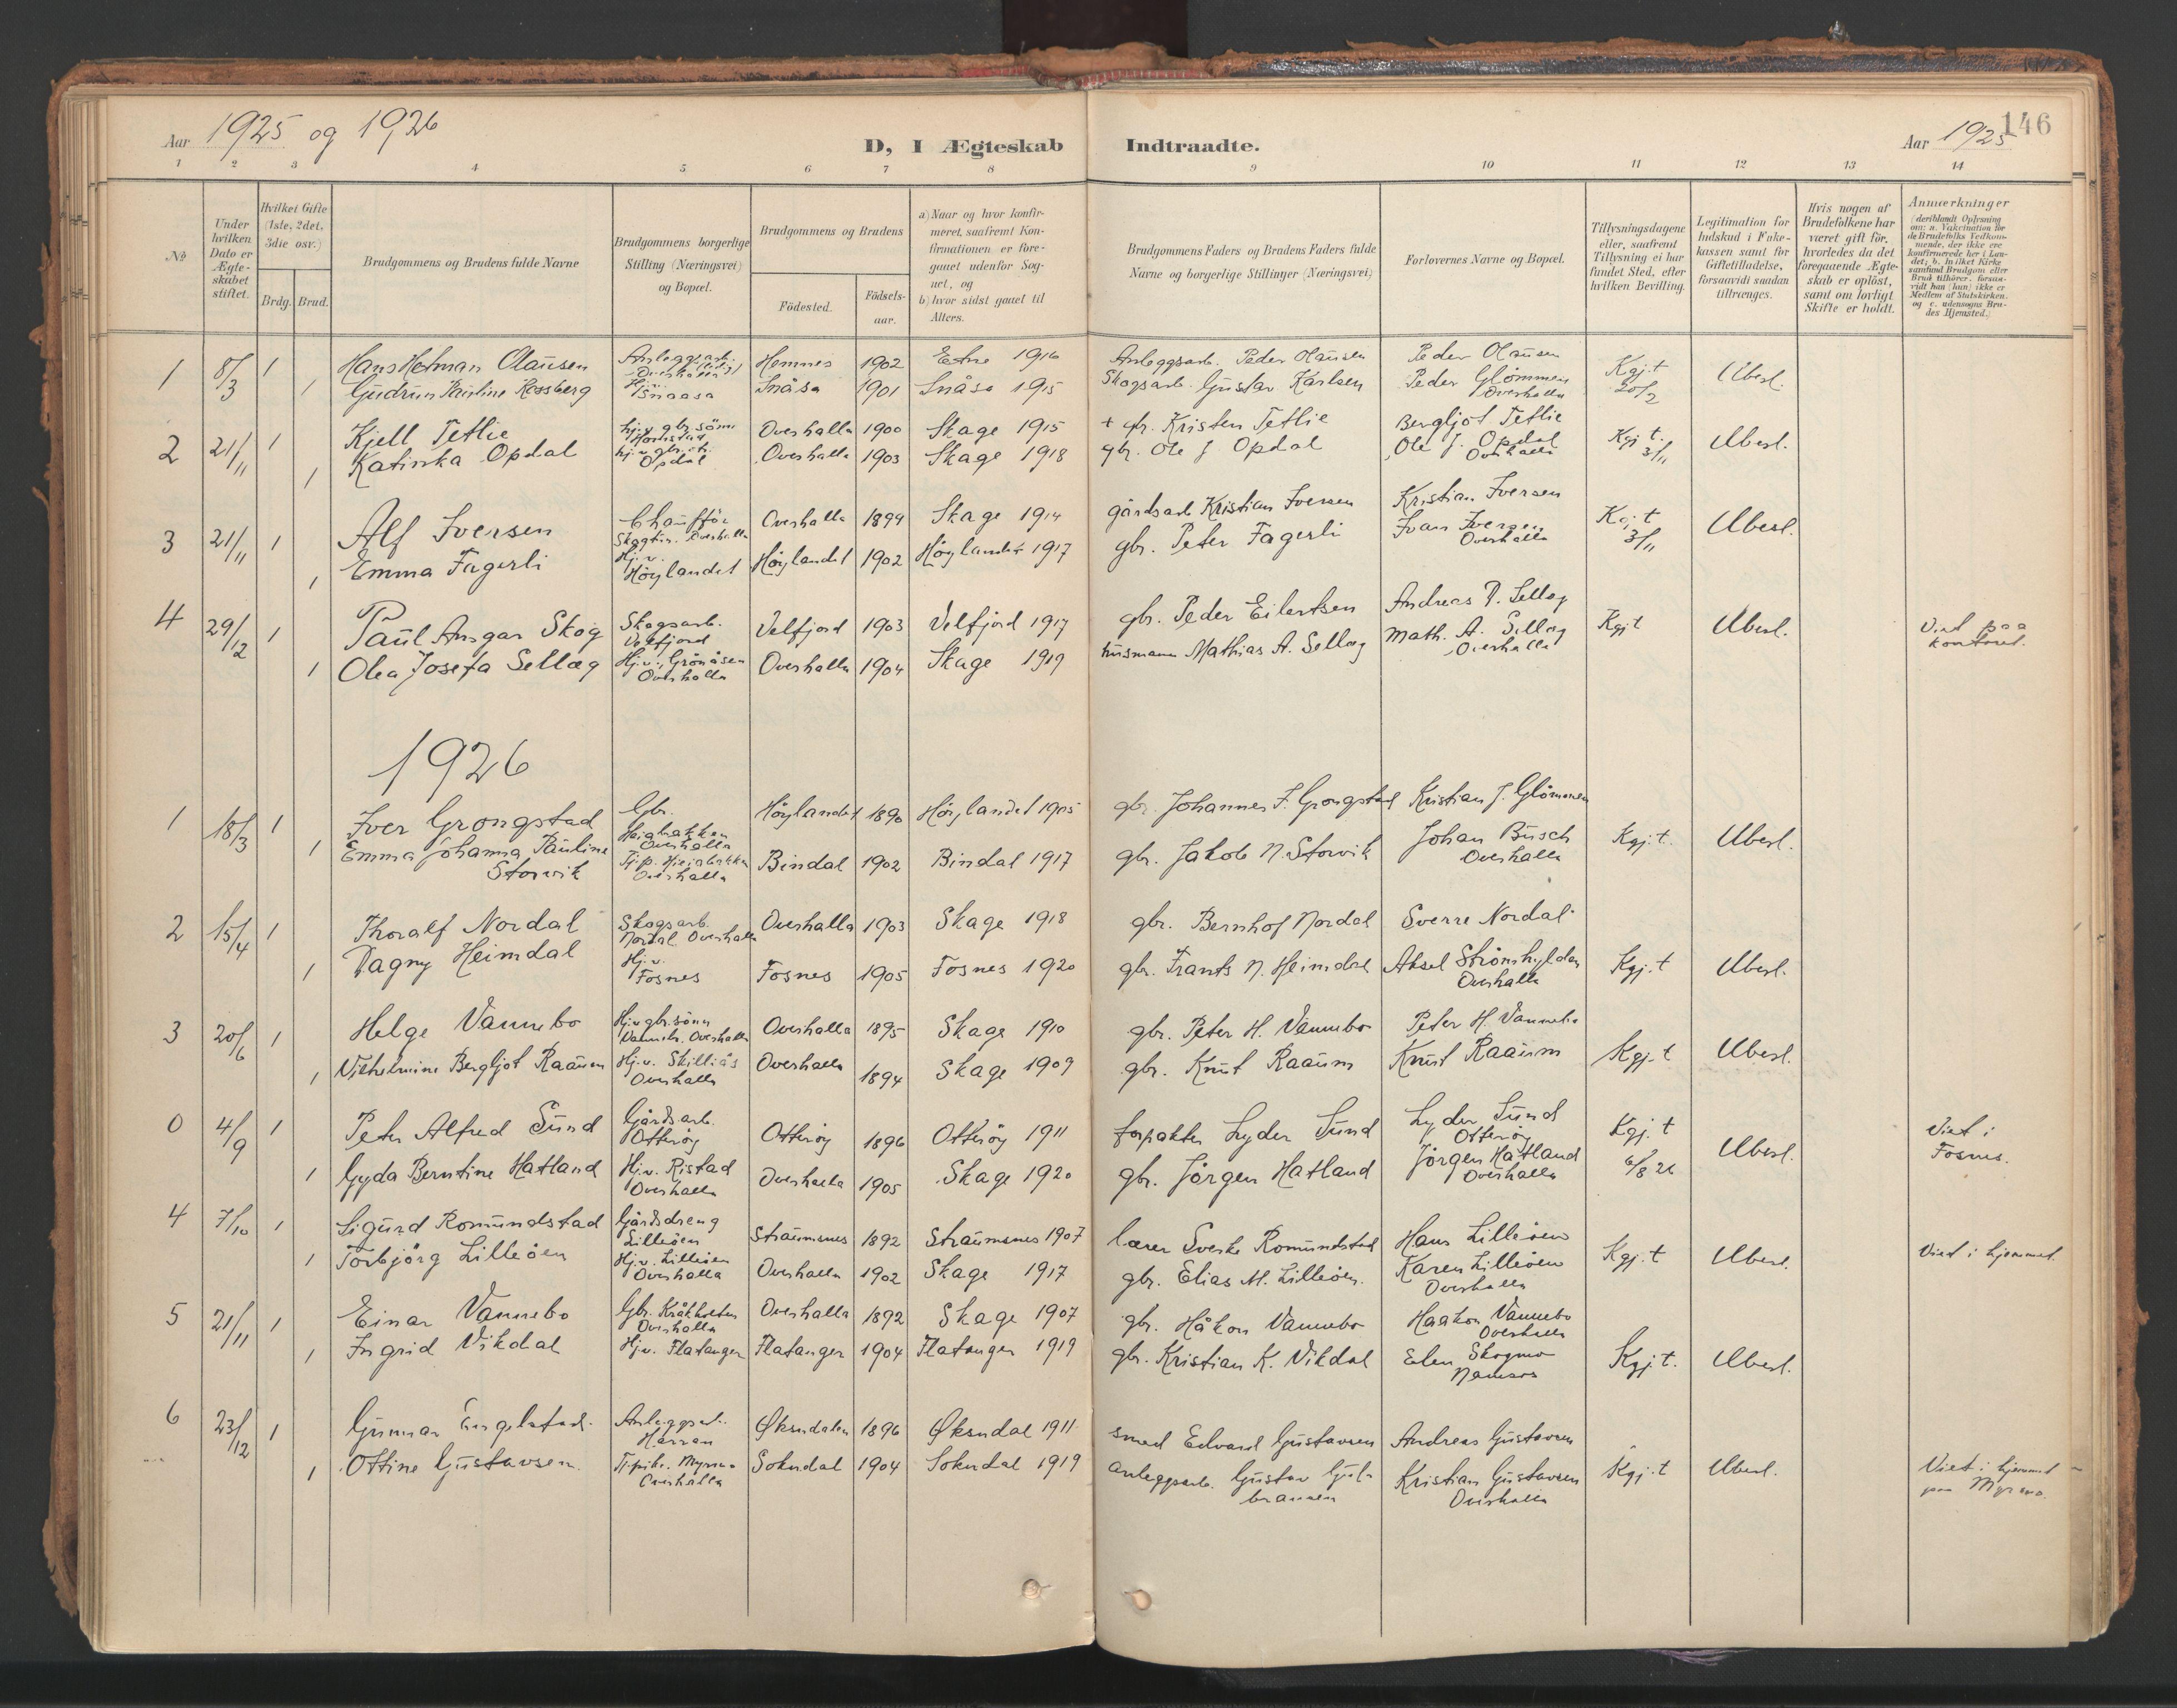 SAT, Ministerialprotokoller, klokkerbøker og fødselsregistre - Nord-Trøndelag, 766/L0564: Ministerialbok nr. 767A02, 1900-1932, s. 146